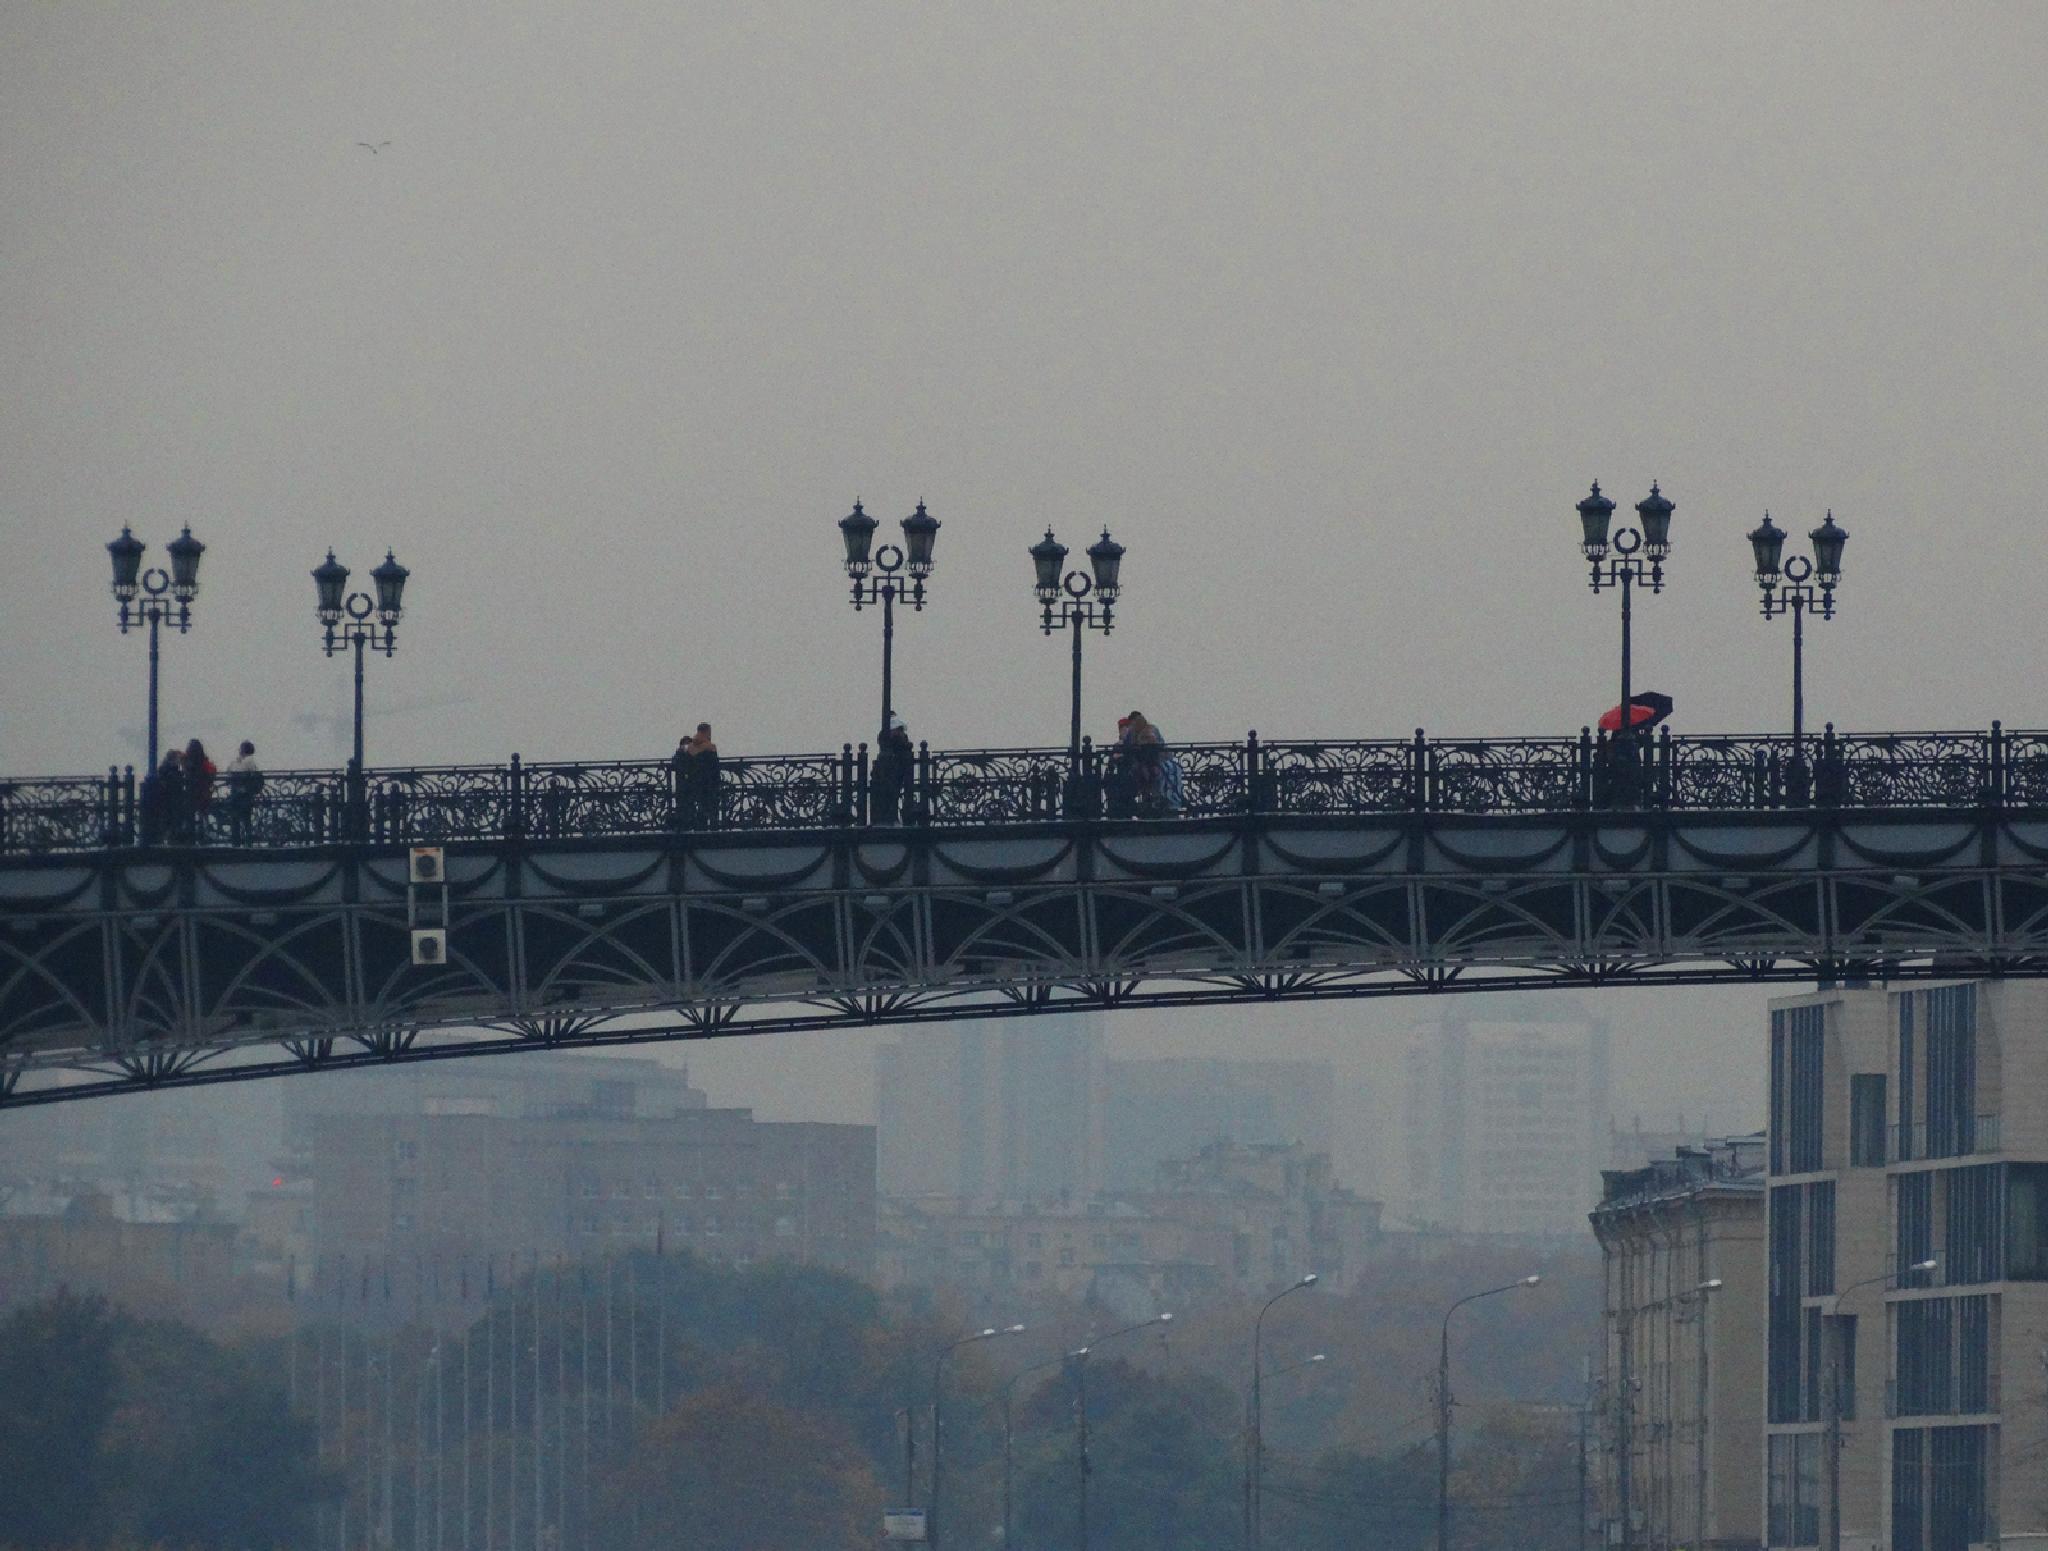 В дождливом городе. Мост by tarutinaolga2012